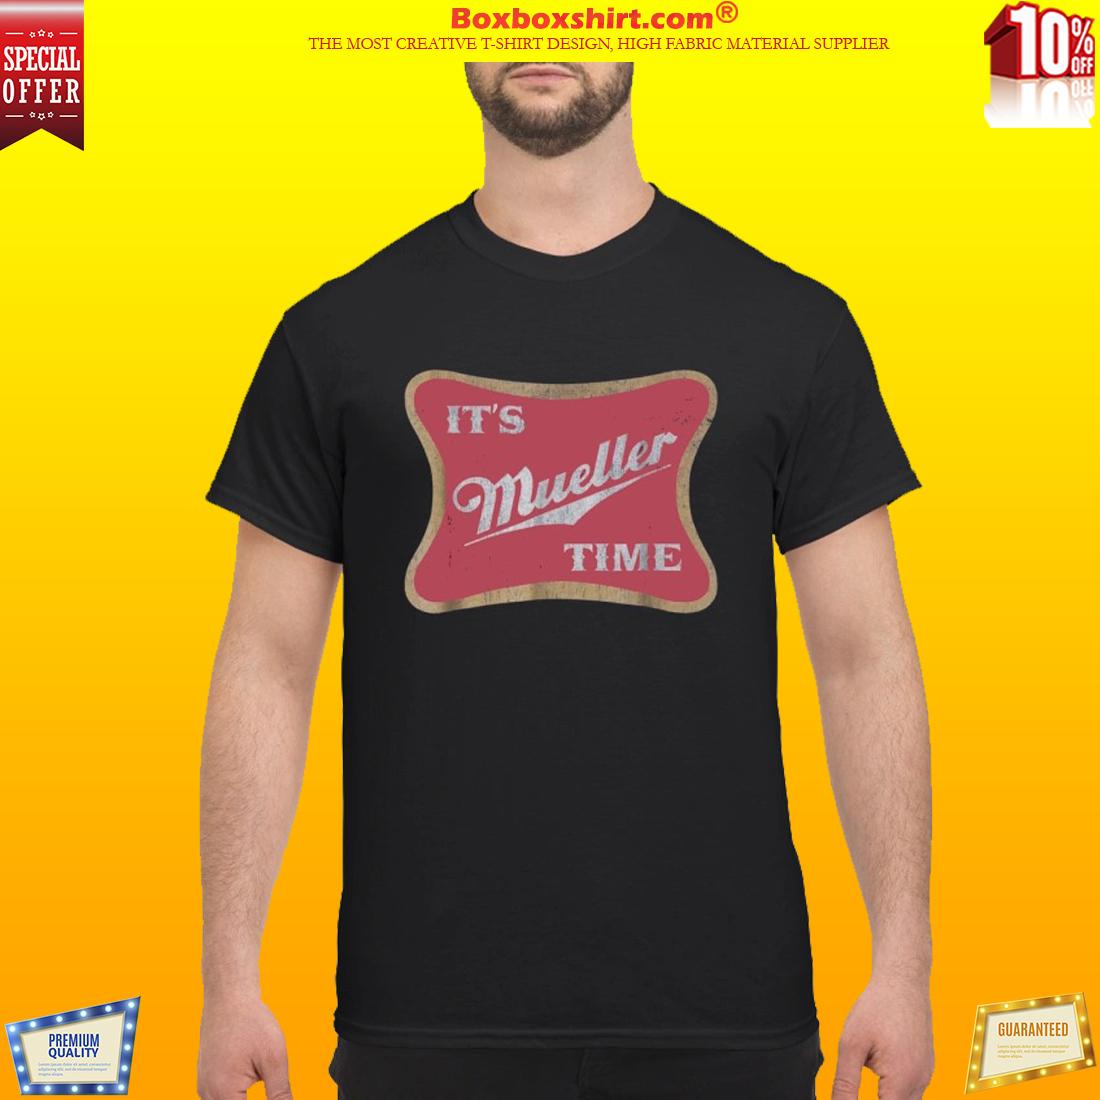 Robert Mueller It's Mueller time shirt